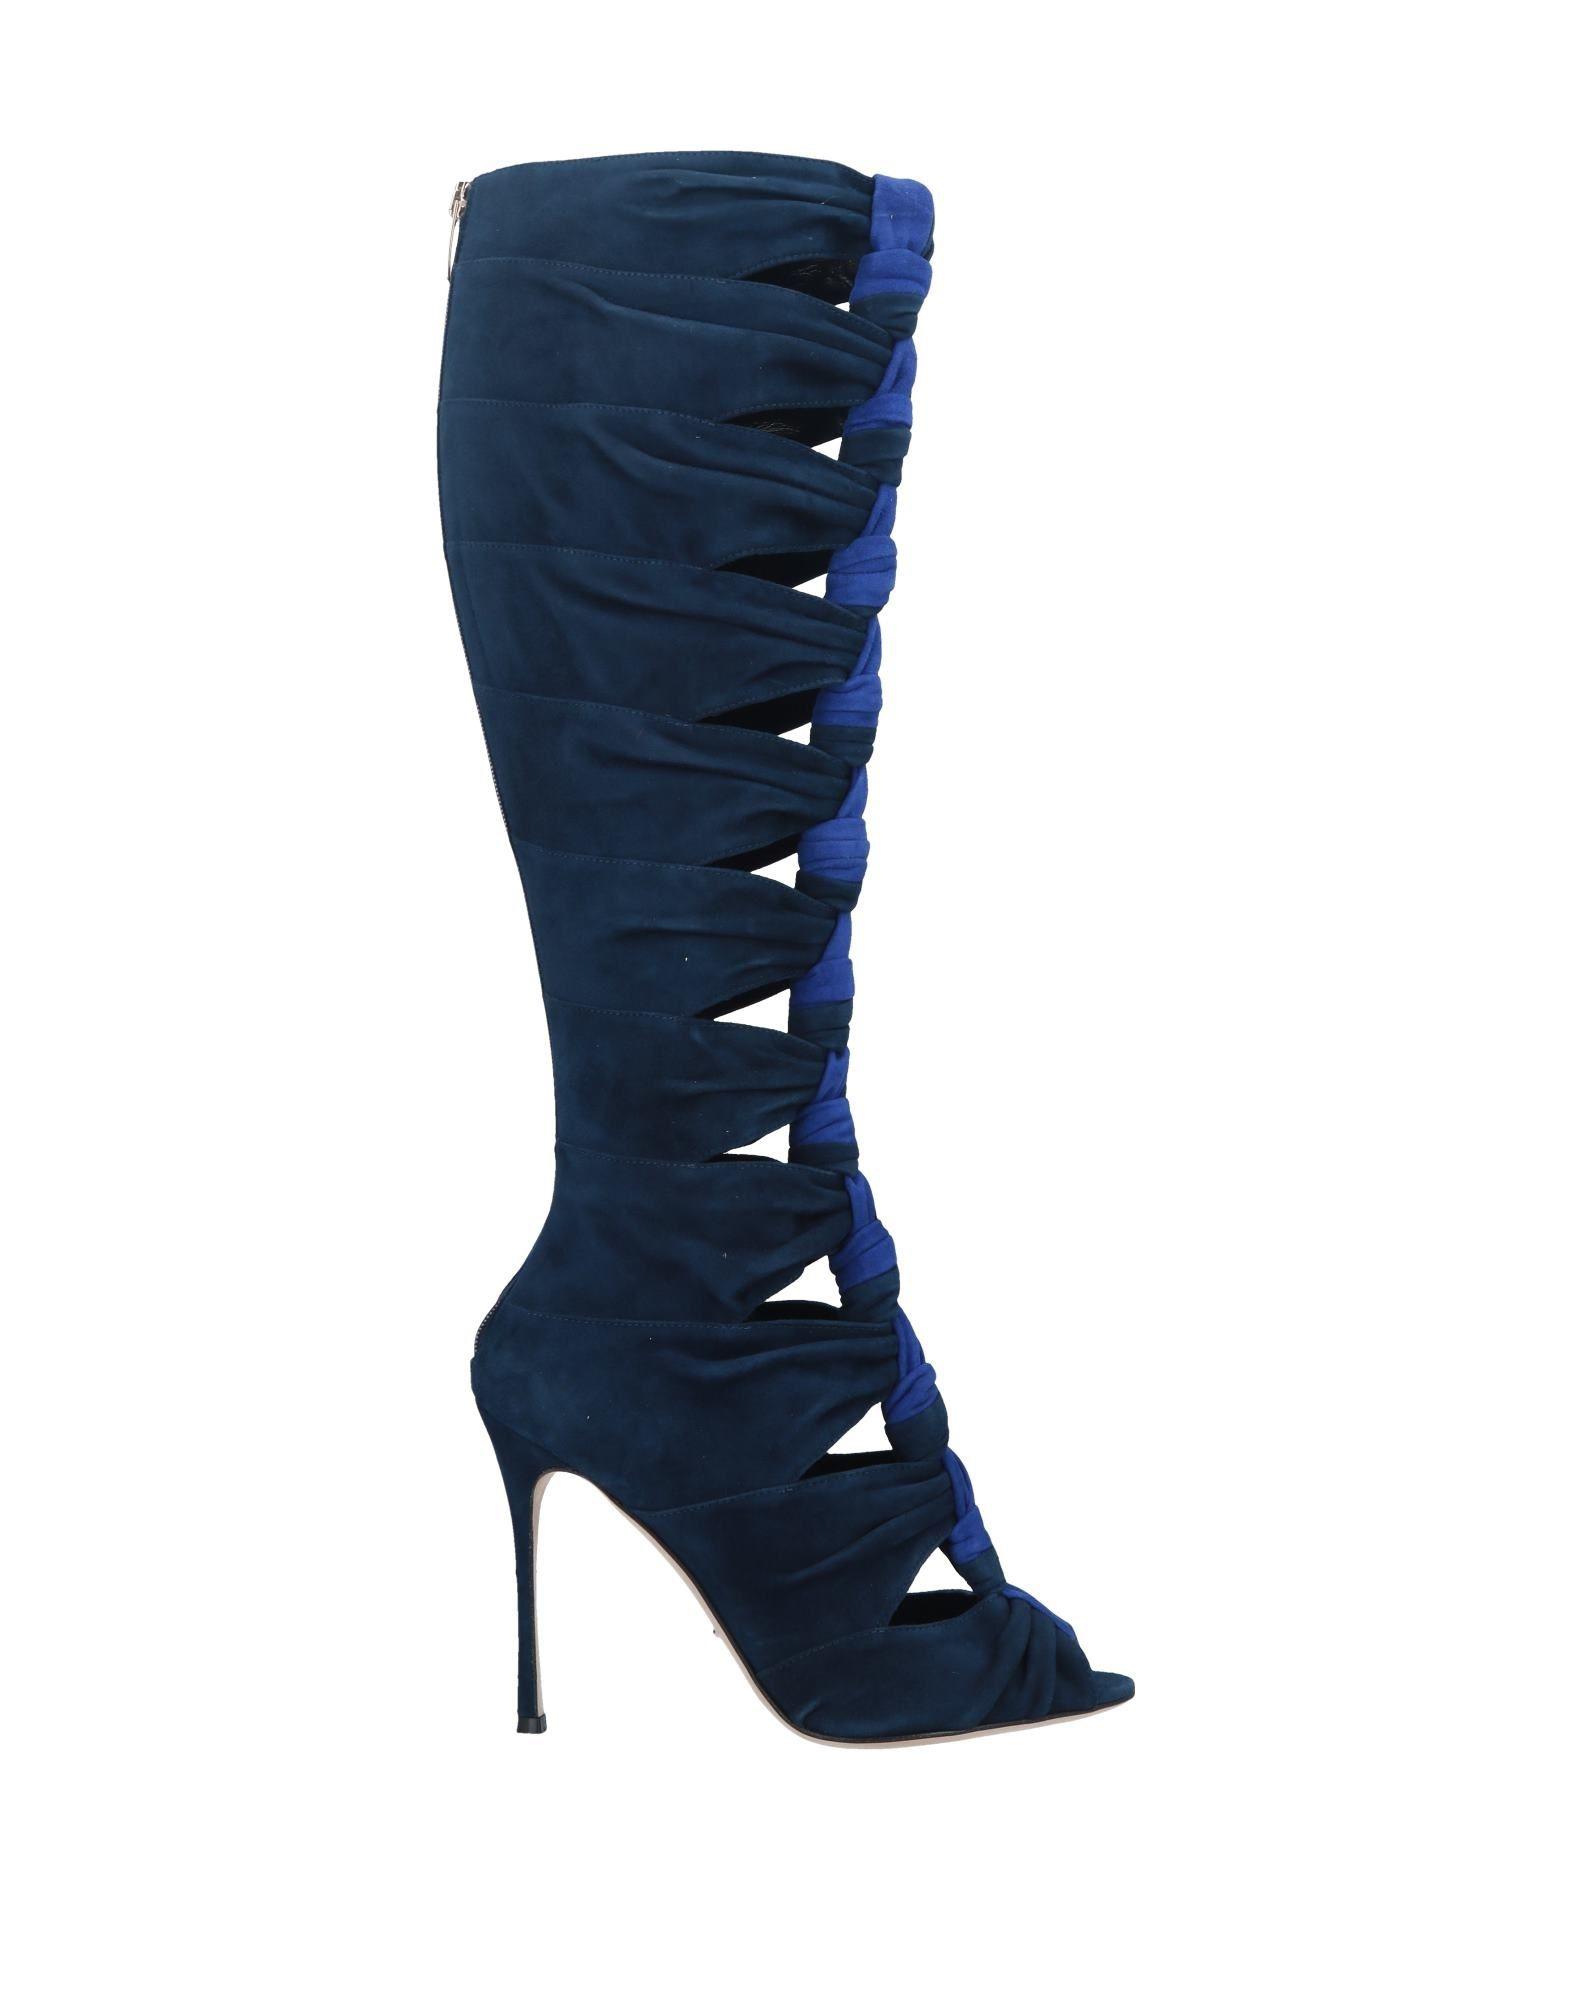 Sergio Rossi Boots In Bright Blue